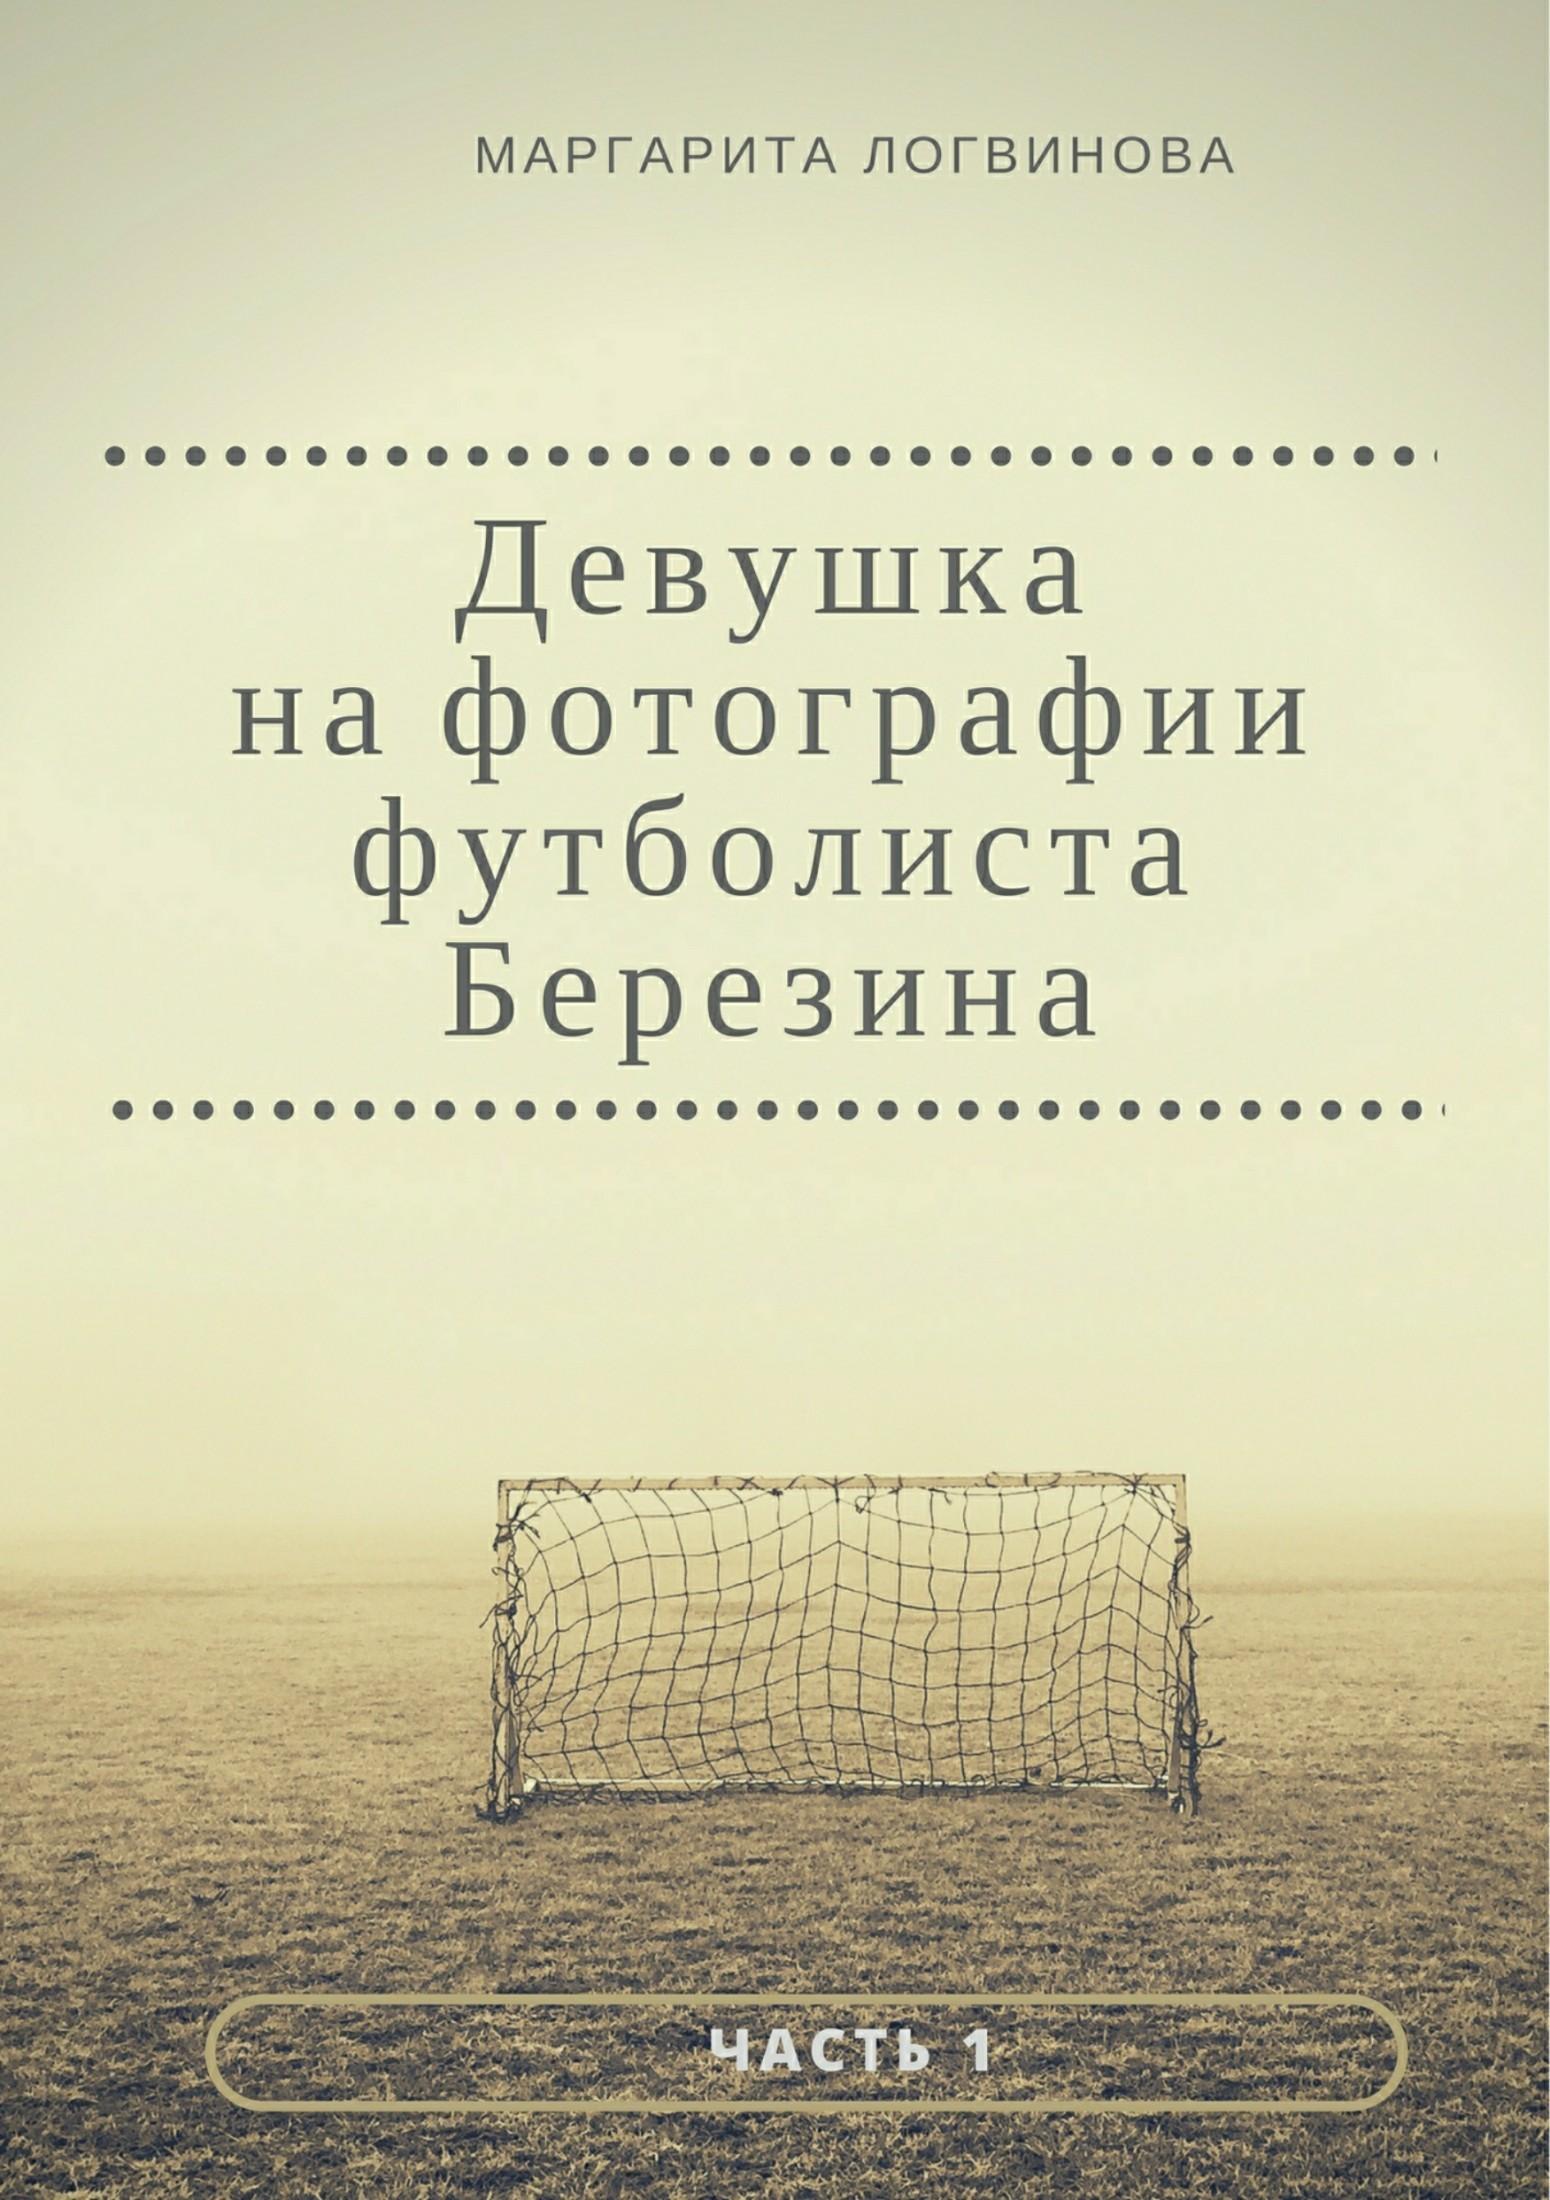 Девушка на фотографии футболиста Березина